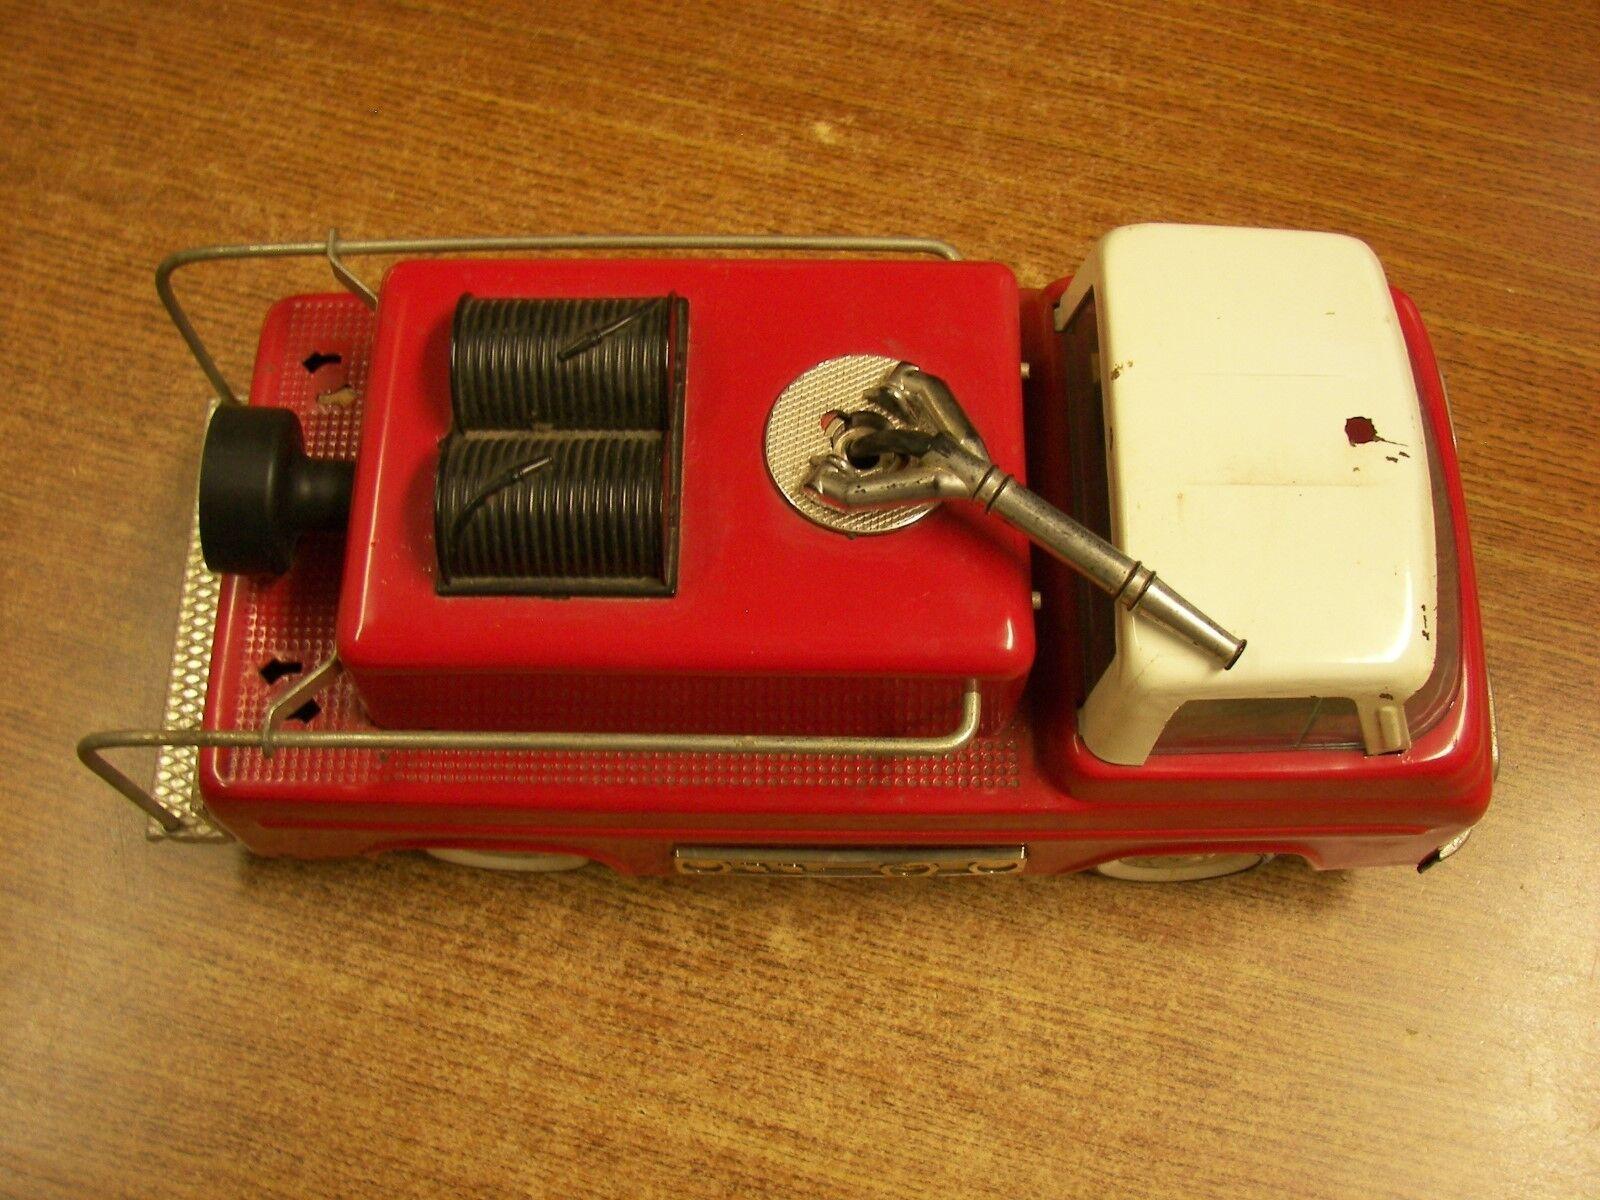 Juguete Vintage 12  largo Nylint Manguera De Jardín Gancho Metal Pumper Camión De Bomberos